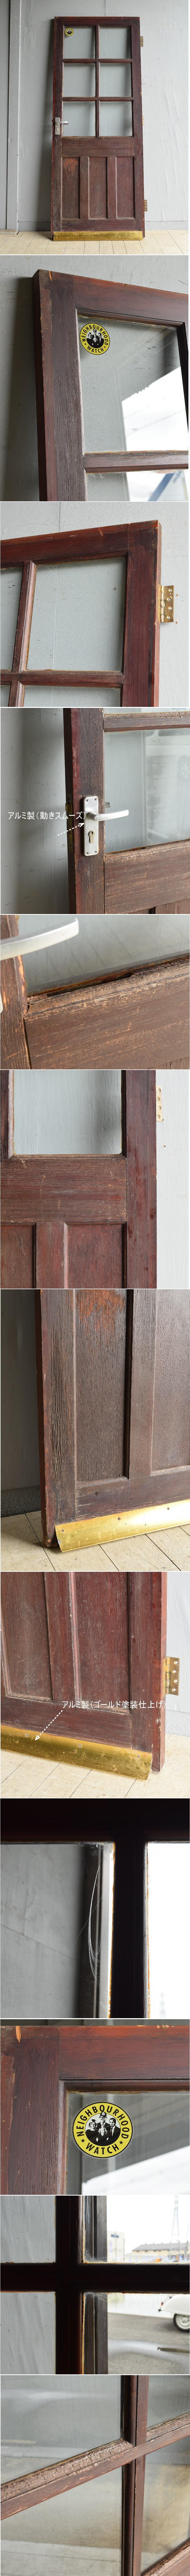 イギリス アンティーク ドア 扉 建具 8020